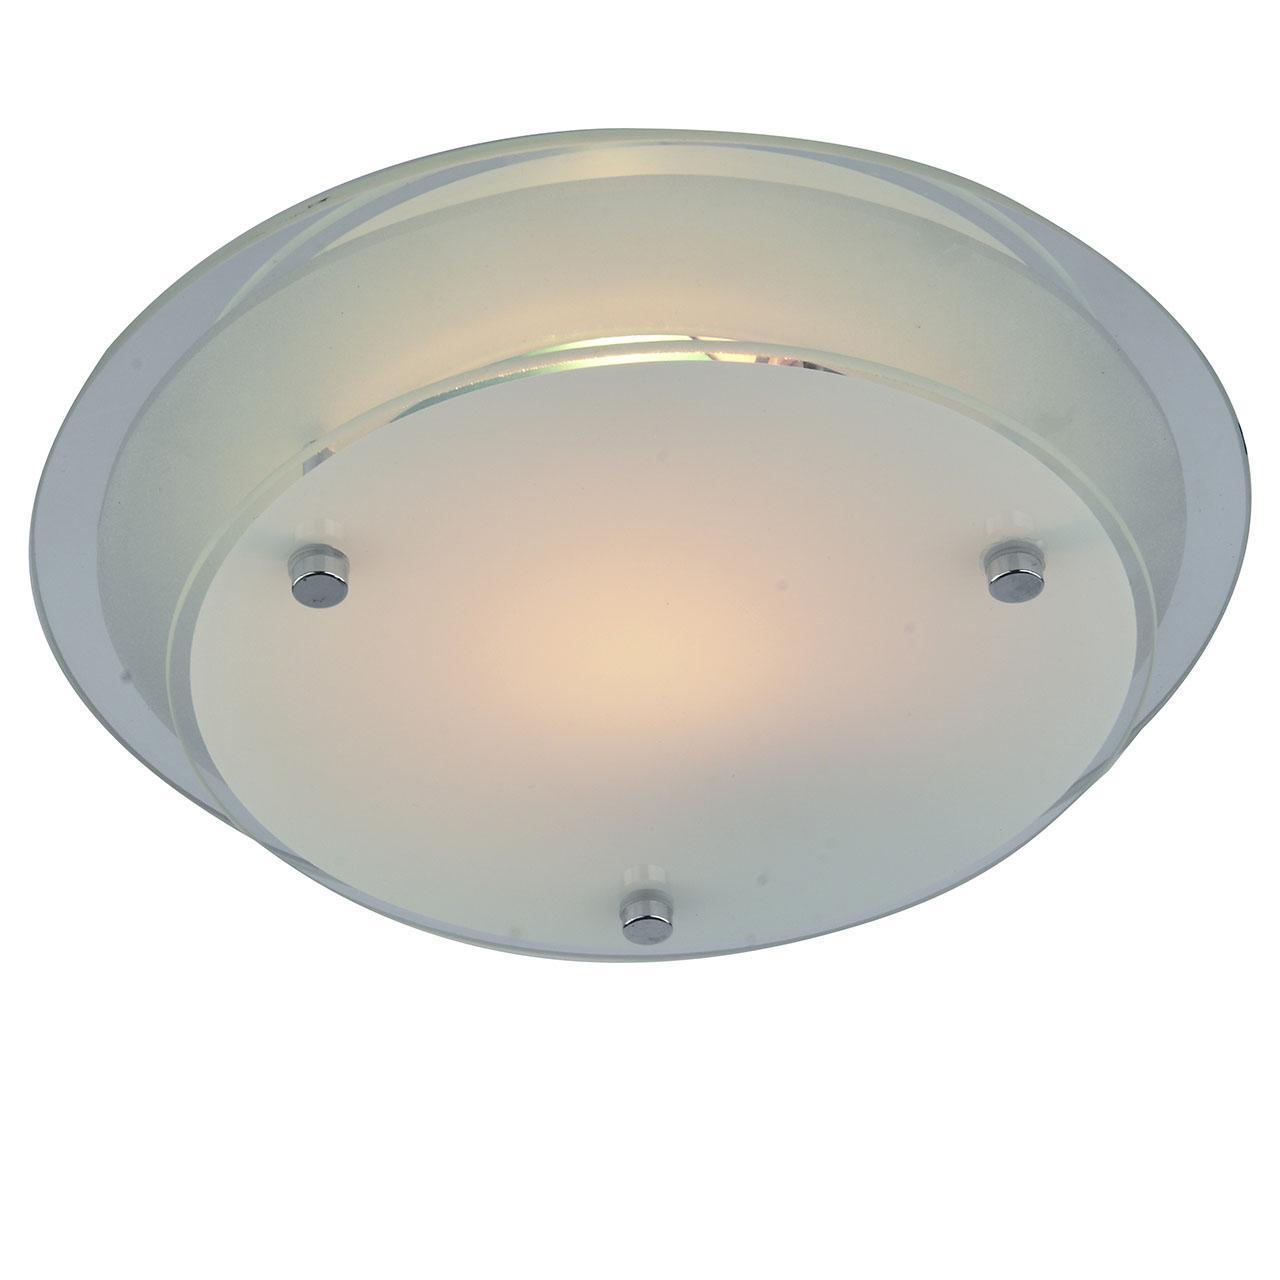 все цены на Потолочный светильник Arte Lamp A4867PL-1CC онлайн